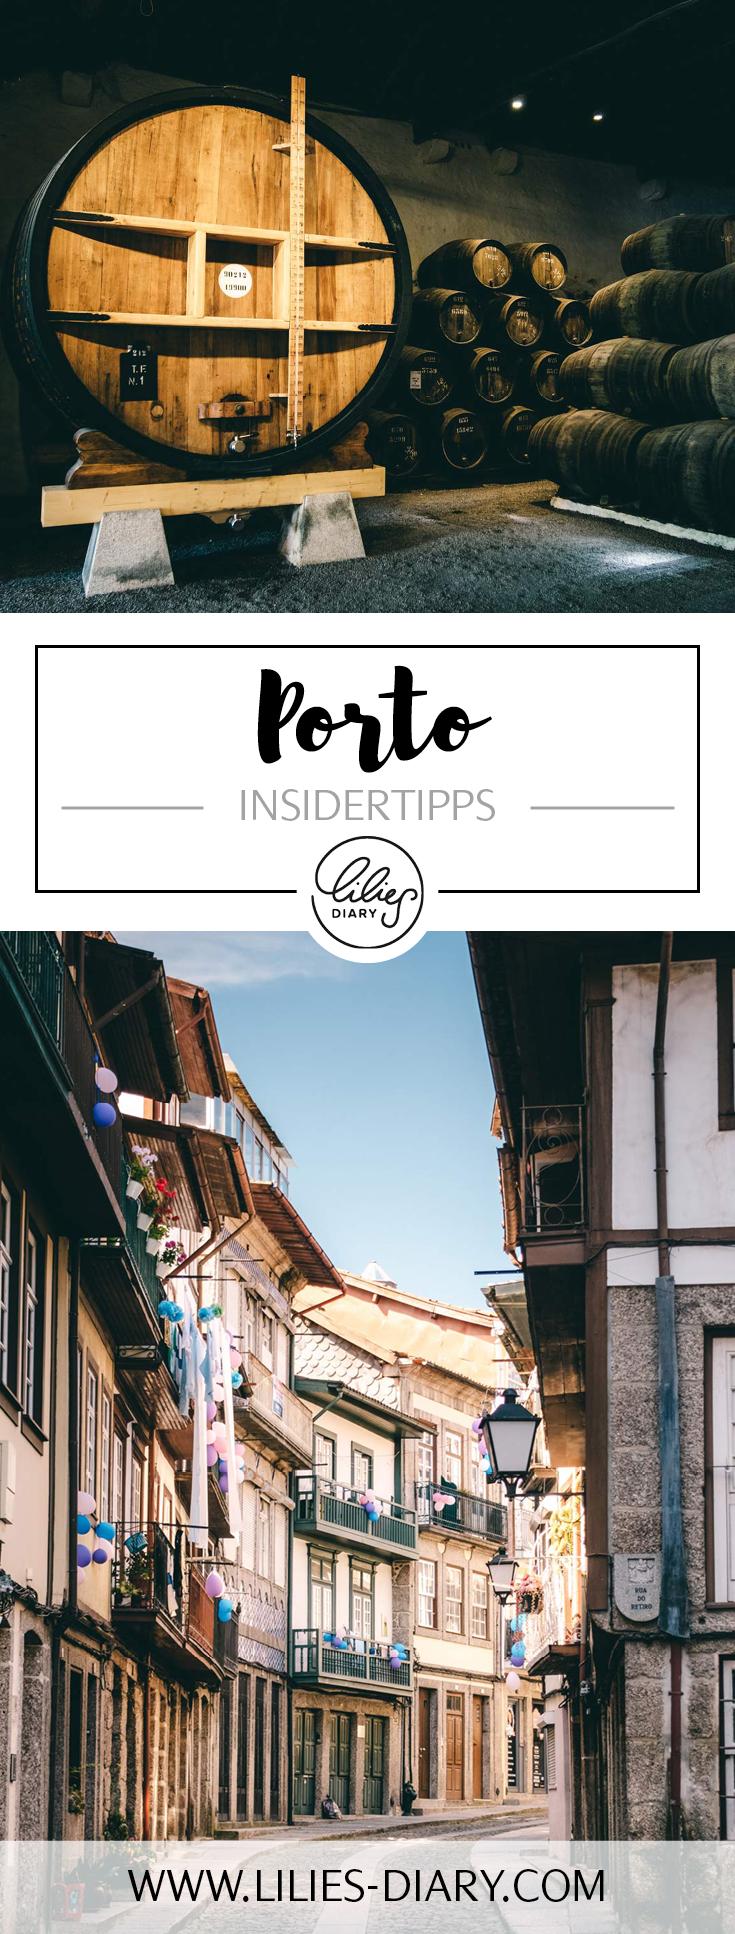 Consejos de viaje a Oporto: 7 consejos para vacacionar en Oporto y excursiones